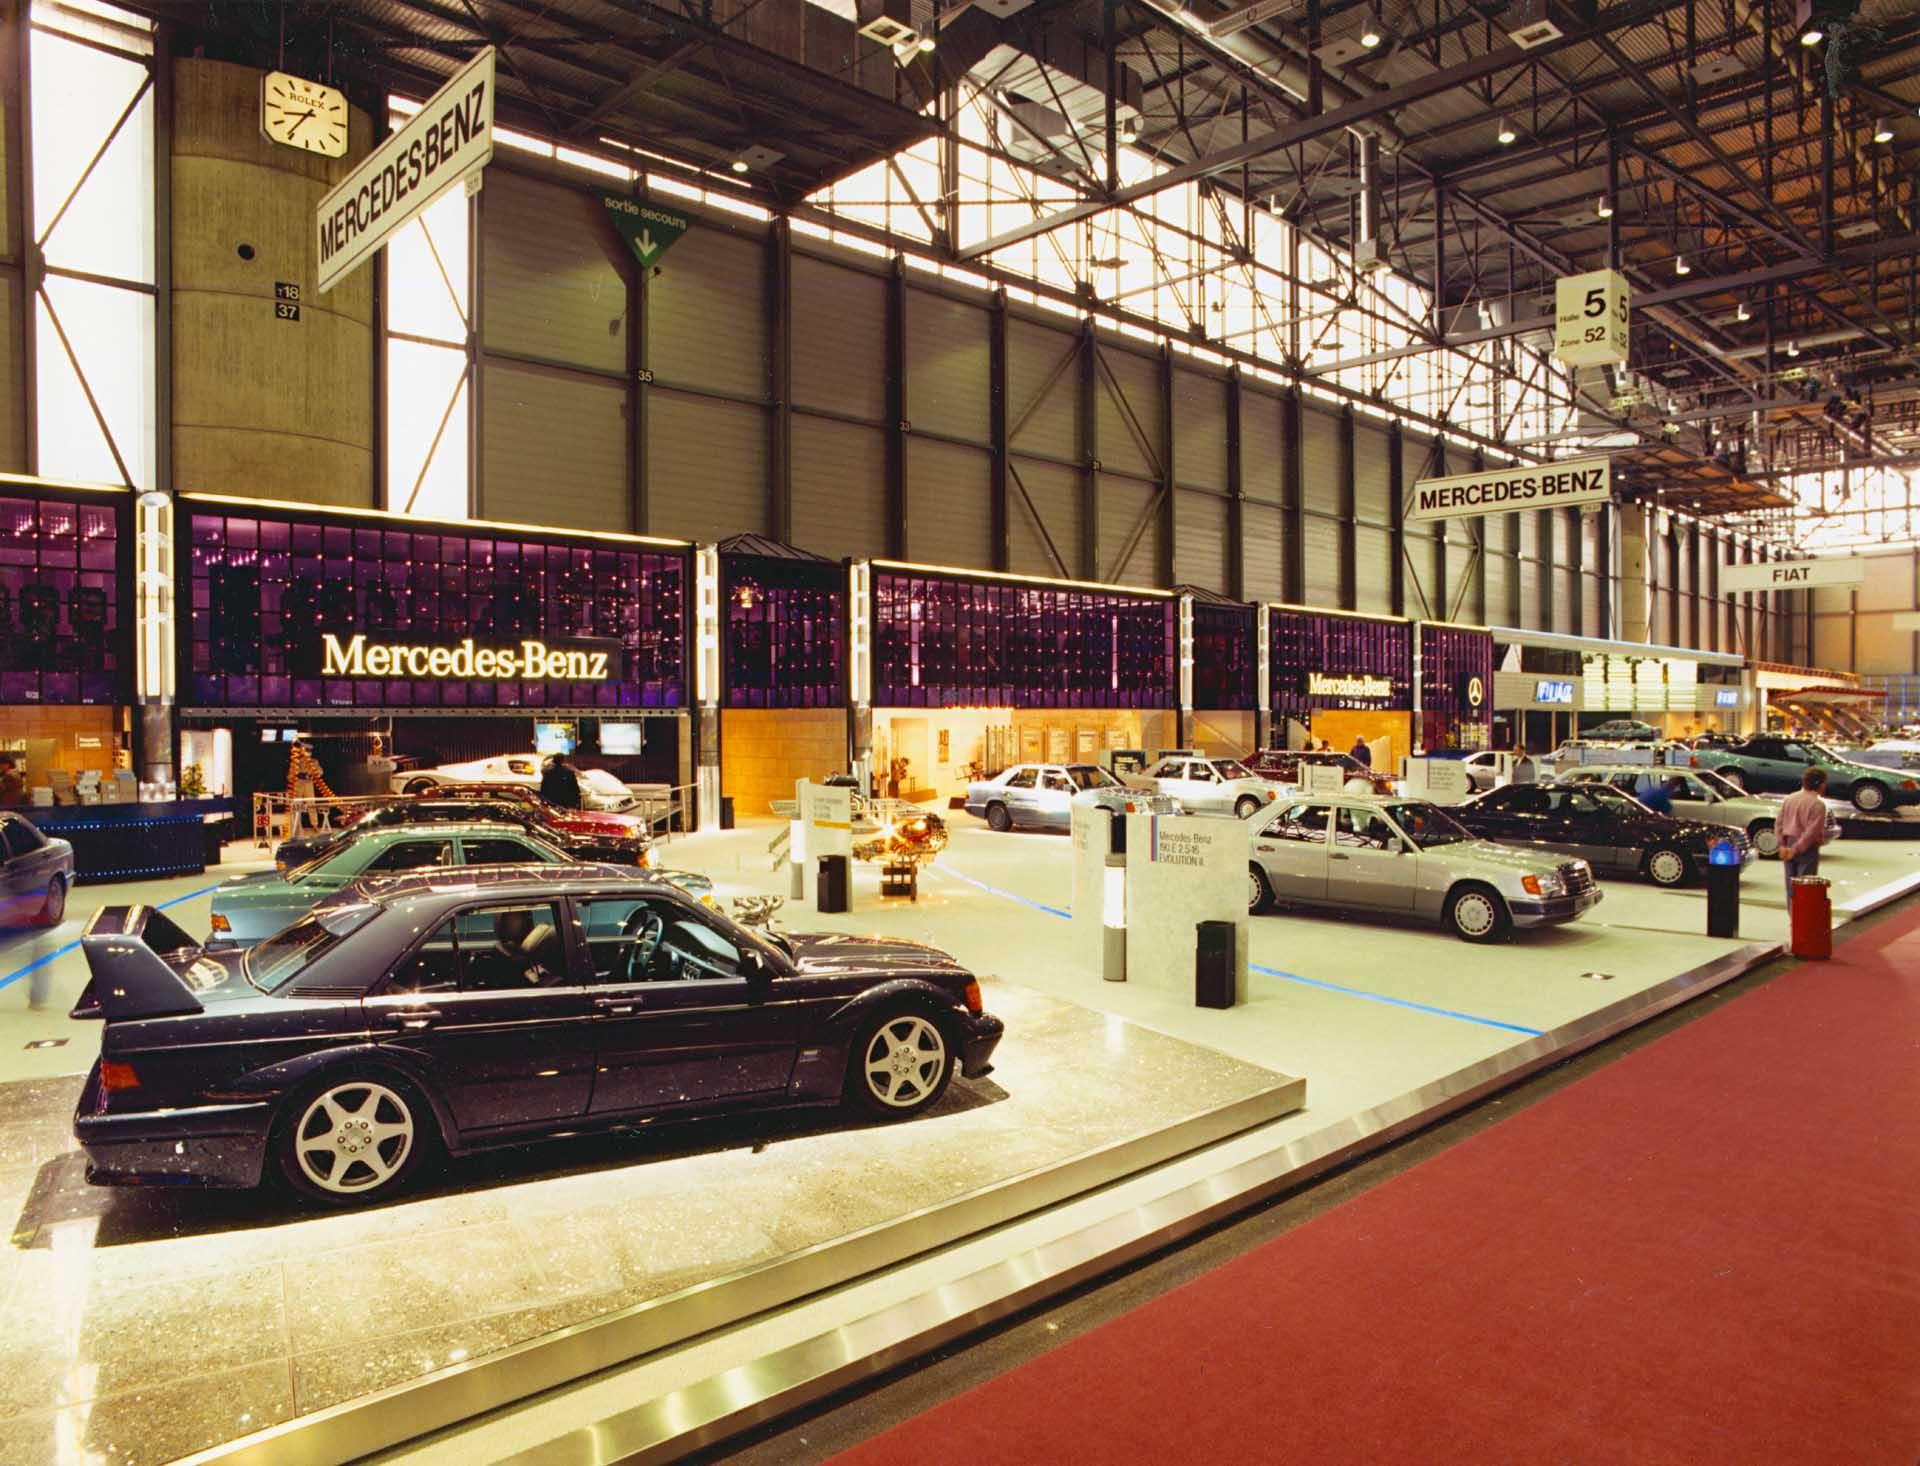 Mercedes-Benz 190 E 2.5-16 Evolution II. Premiere auf dem Genfer Automobil-Salon vom 8. bis 18. März 1990.